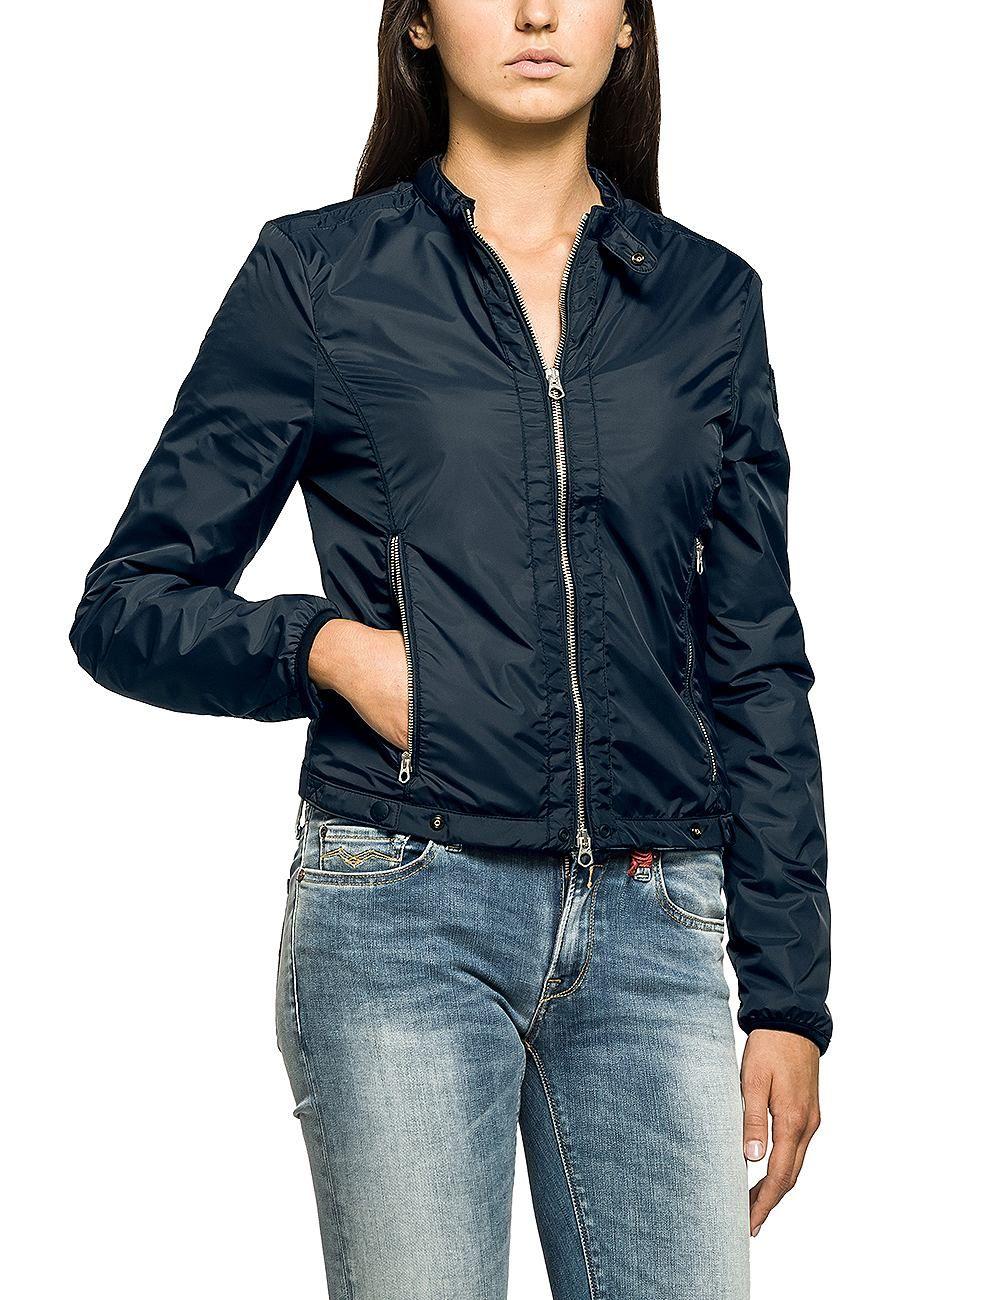 Jacken    Diese lässige Jacke von Replay überzeugt mit ihren Details und einem femininem Schnitt.    Außenmaterial: 100% Polyamid  Innenmaterial: 100% Polyamid...